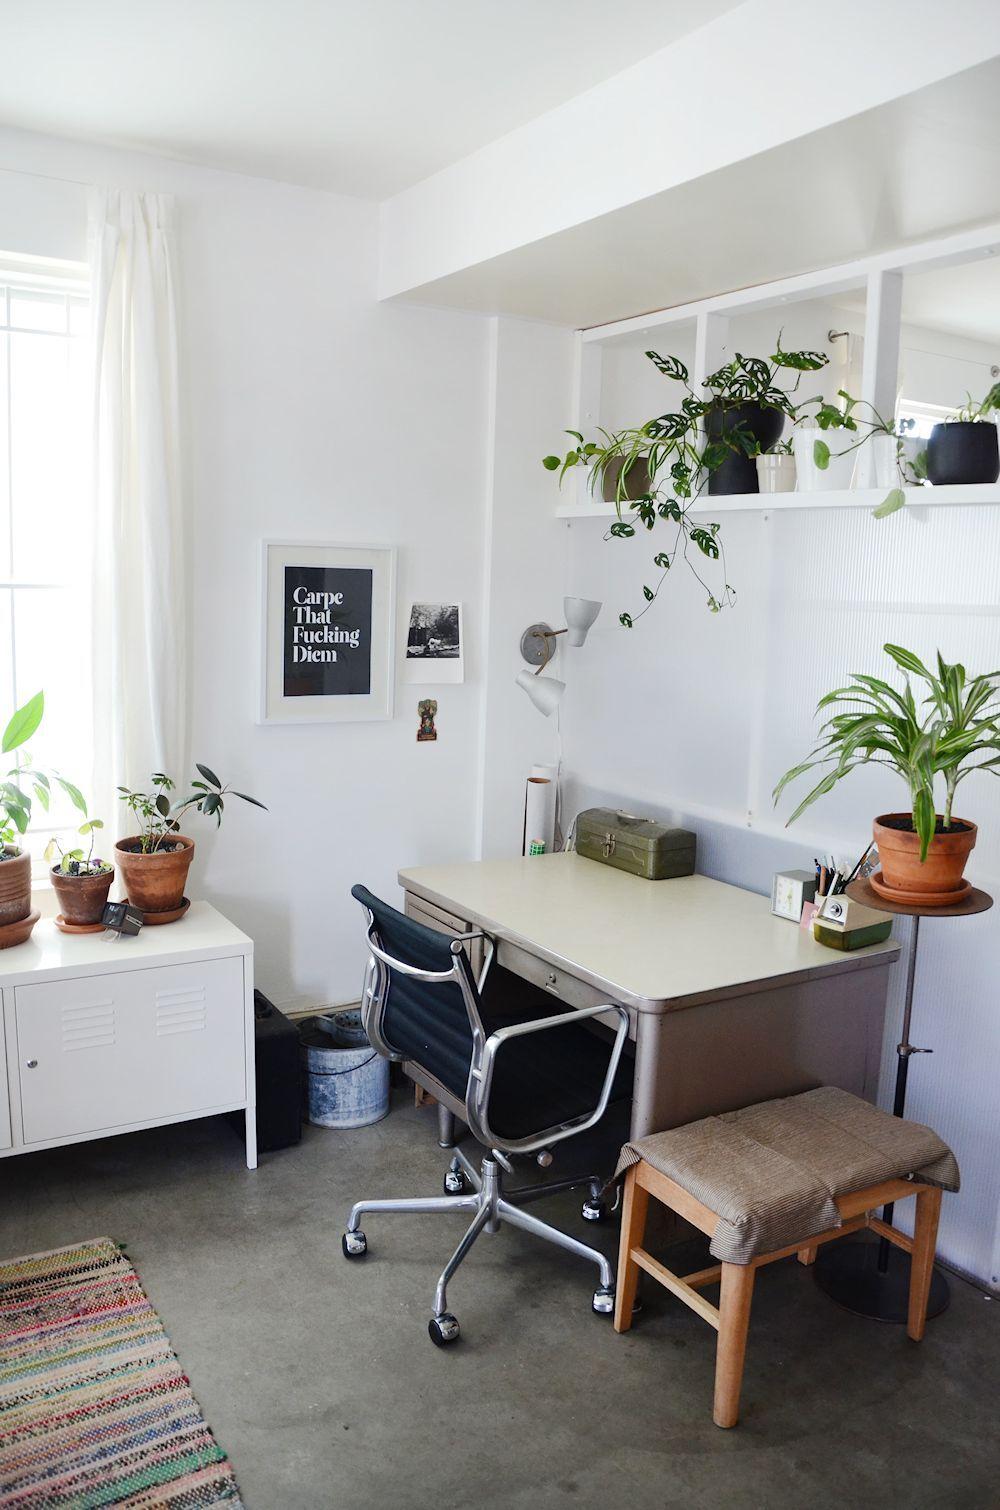 Muebles Usados Textiles Y Plantas En La Decoraci N De Un  # Muebles Cuanta Razon